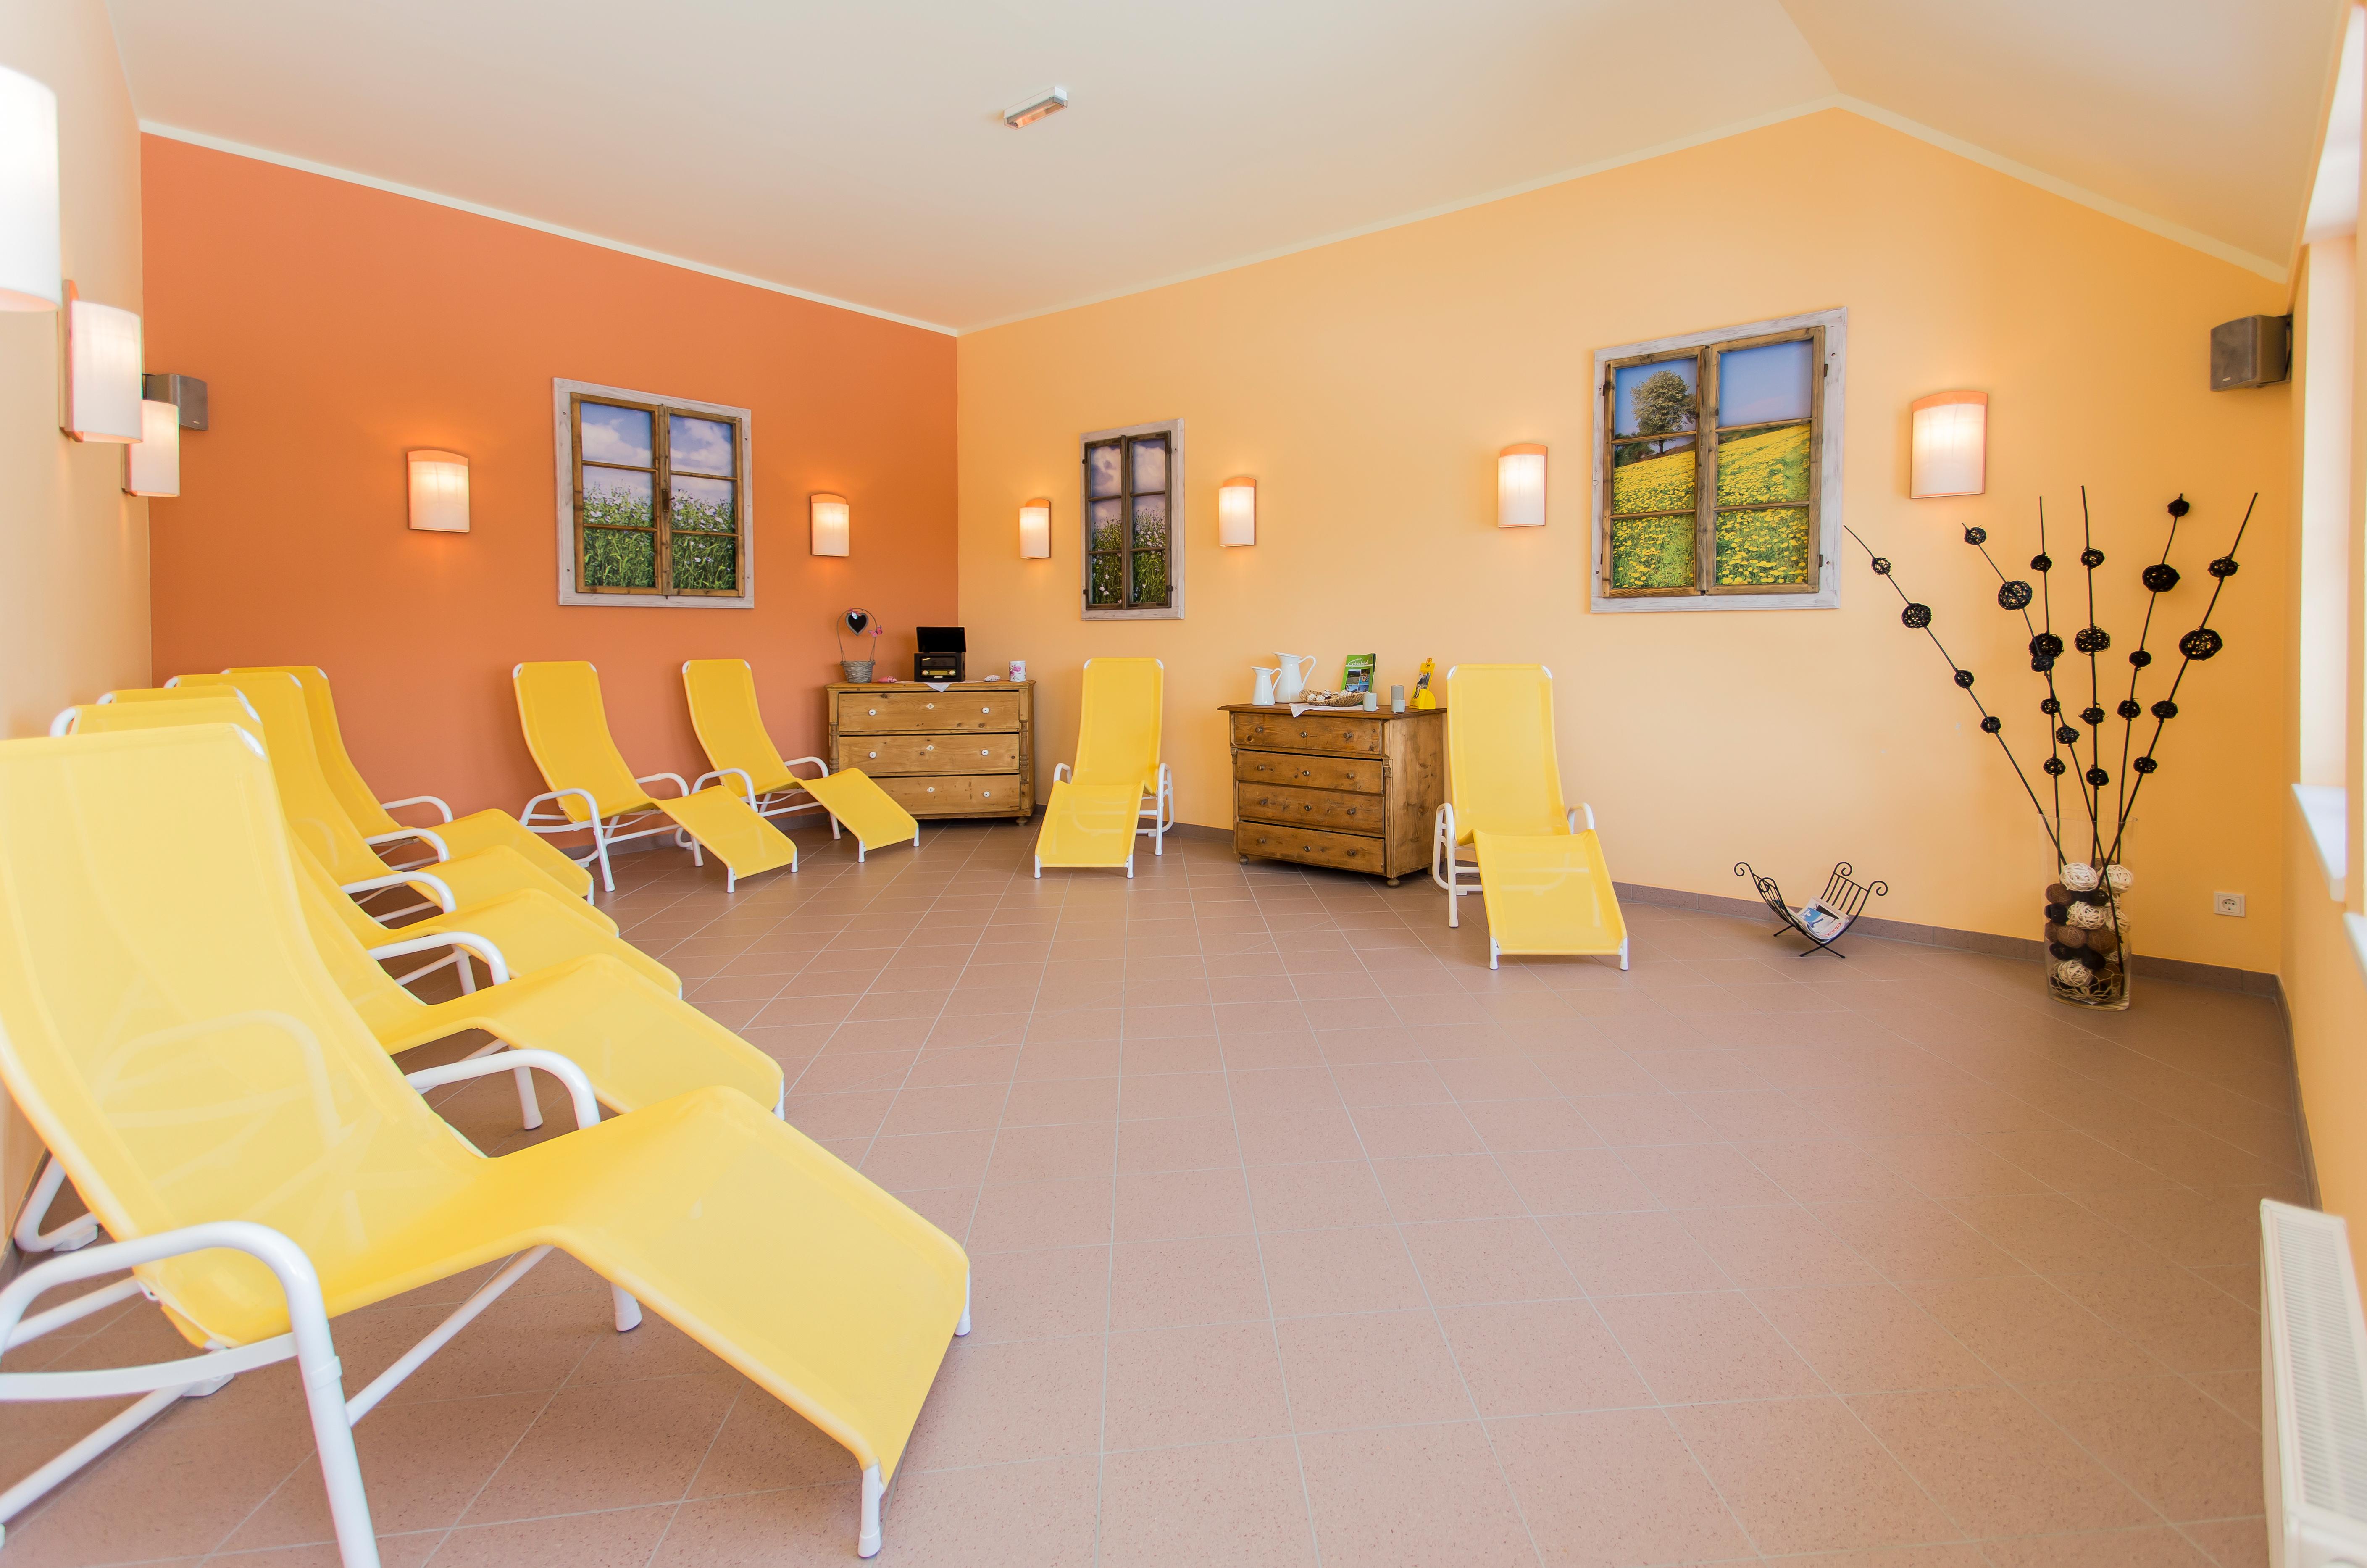 Ruheraum im Wellnessbereich im JUFA Hotel Gitschtal - Landerlebnis. Der Ort für kinderfreundlichen und erlebnisreichen Urlaub für die ganze Familie.